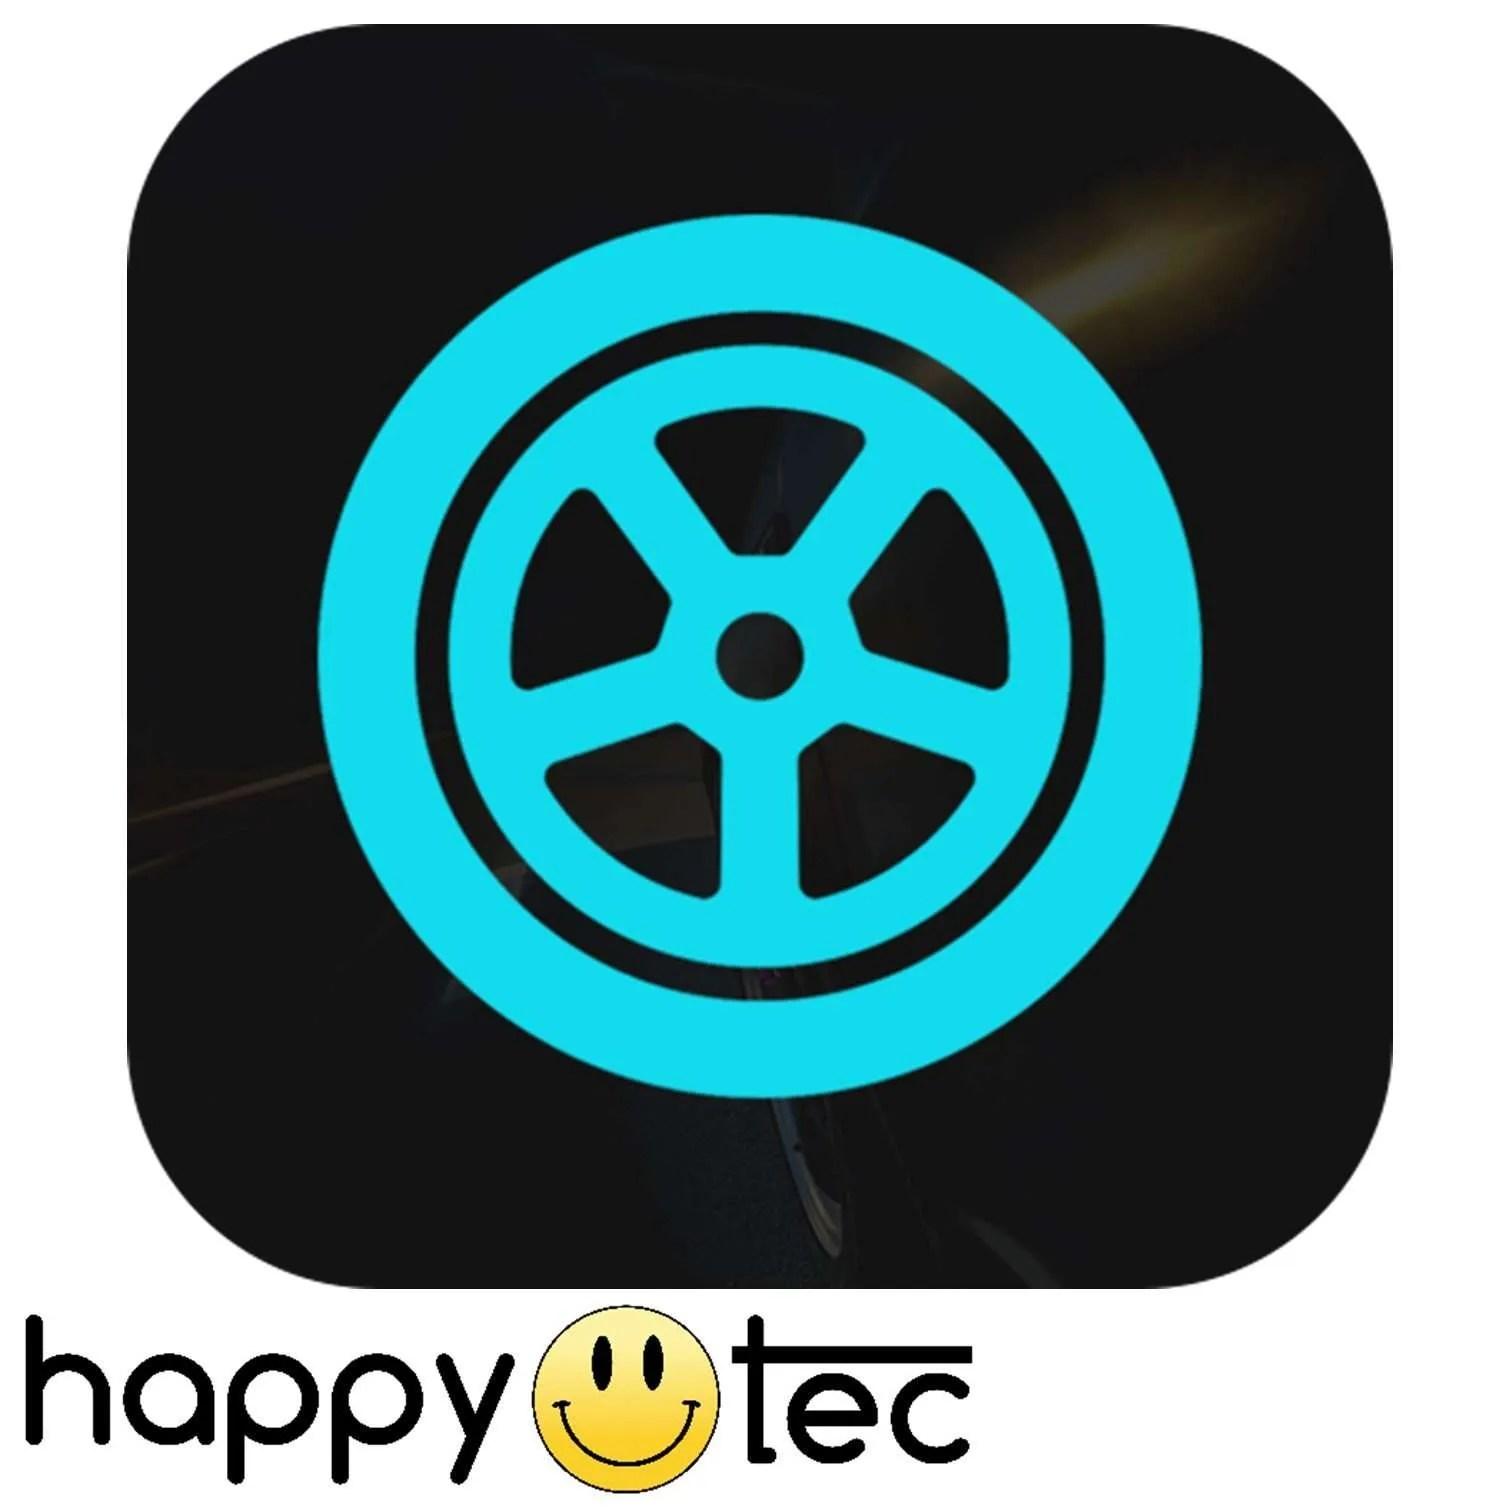 MyTender-Logo-Categoria ricambi accessori riparazione assistenza tecnica monopattini elettrici monorim